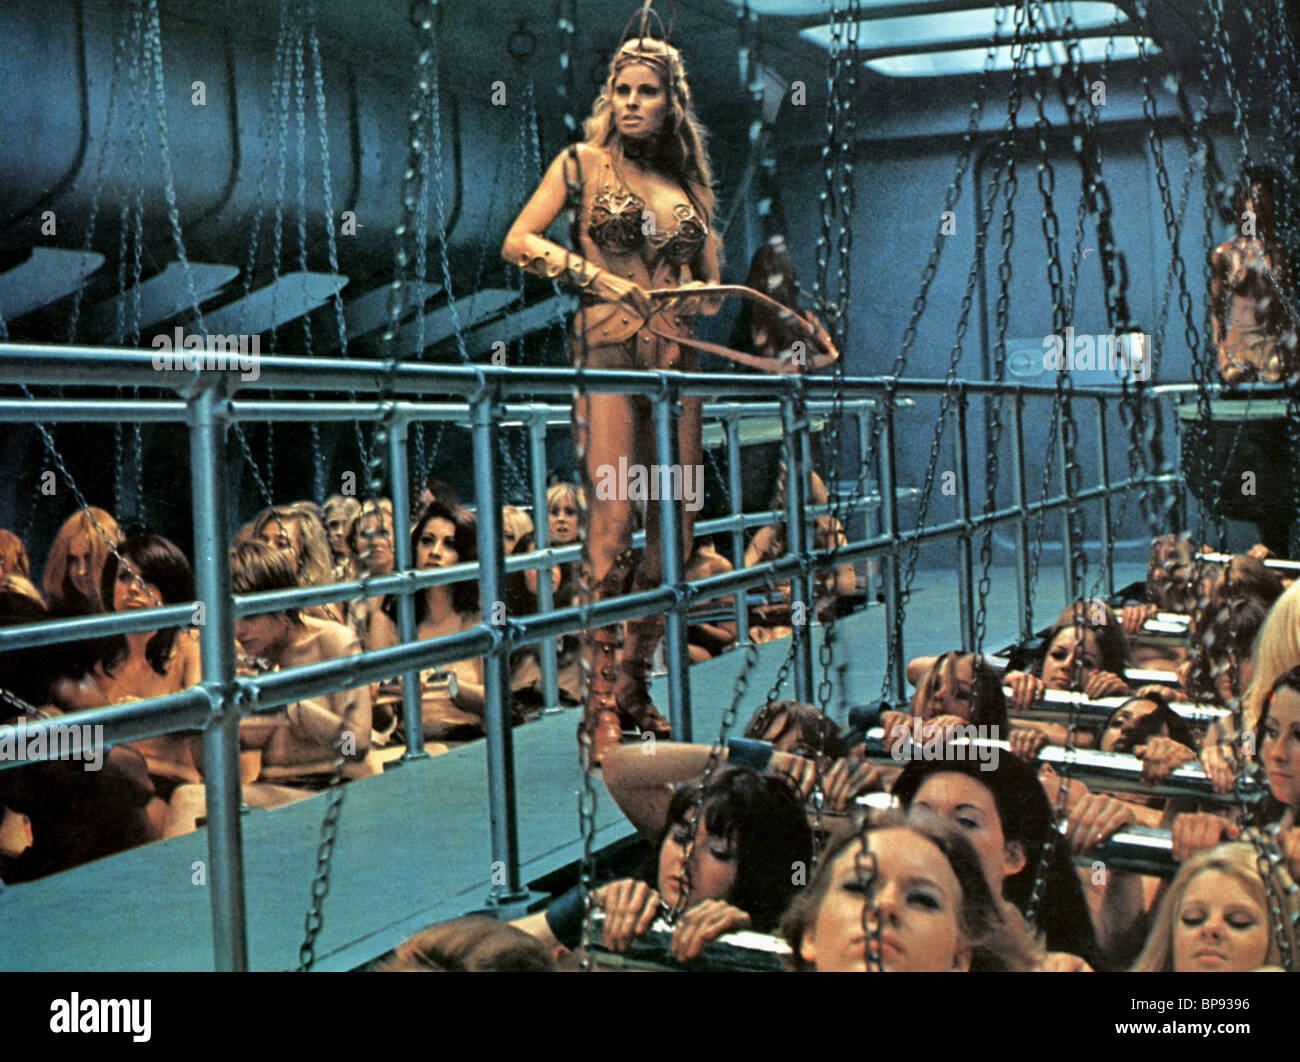 Nakade slaves fantasy pics sexy tube